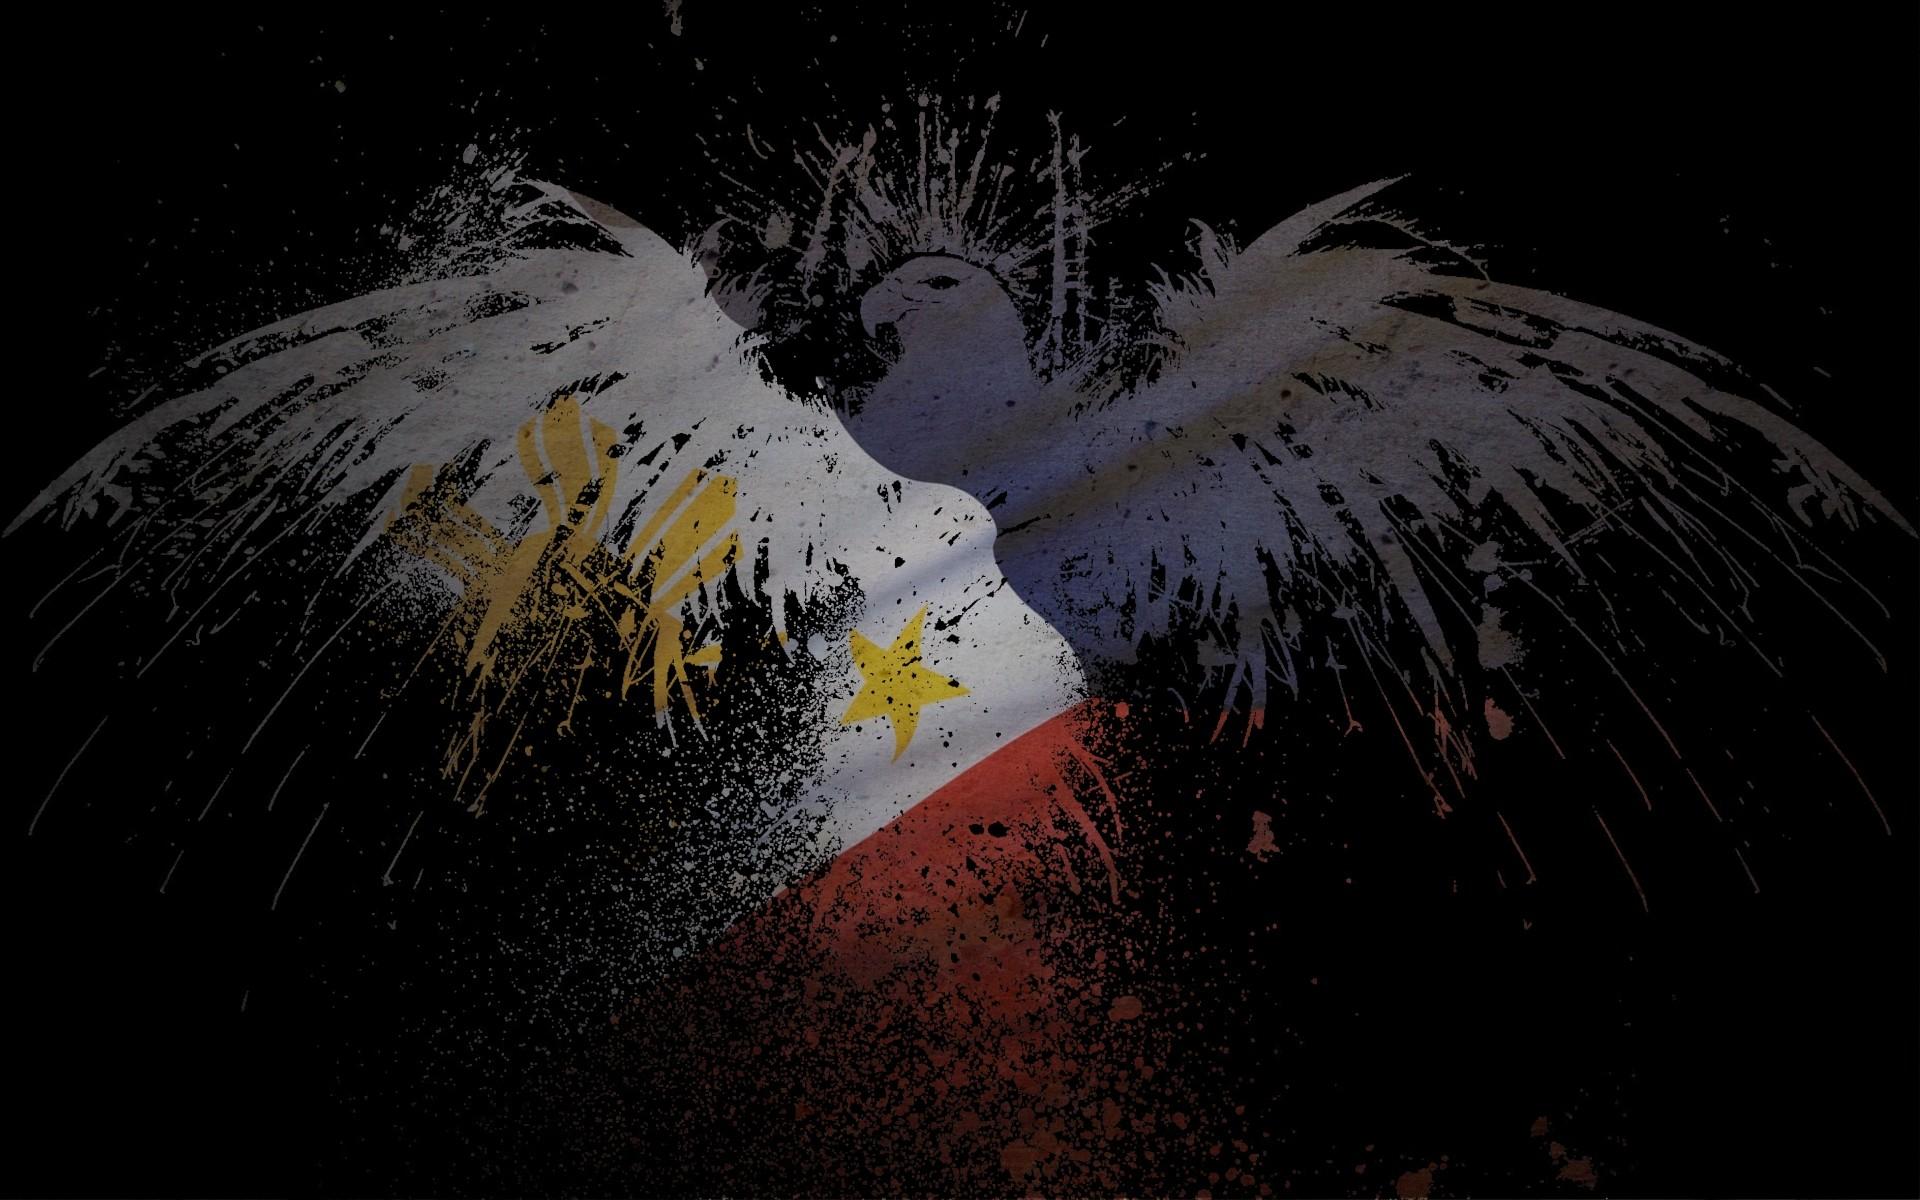 1920x1080 4 Us Flag Wallpaper HD4 600x338